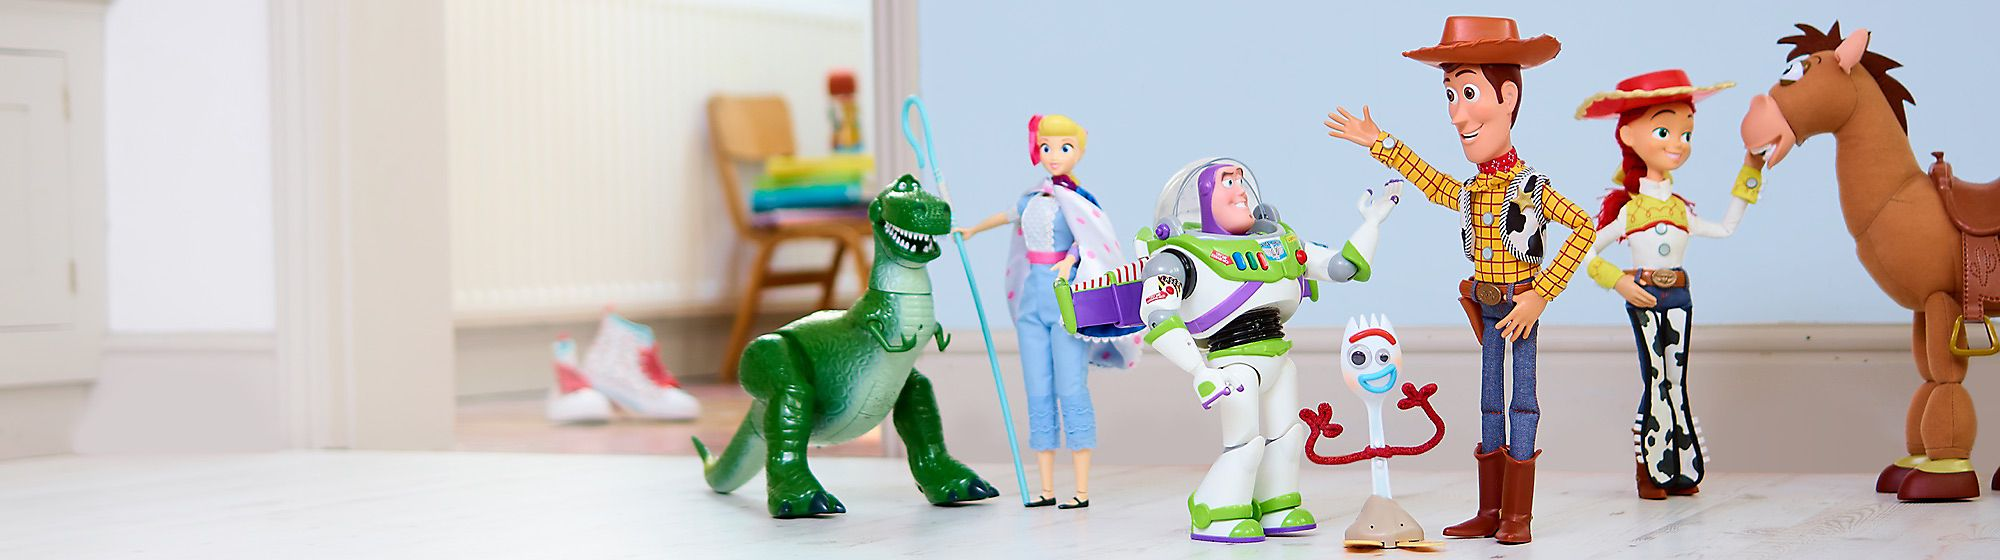 Stöbere durch Spielzeug, Bekleidung und vieles mehr aus dem umfangreichen Pixar Sortiment.